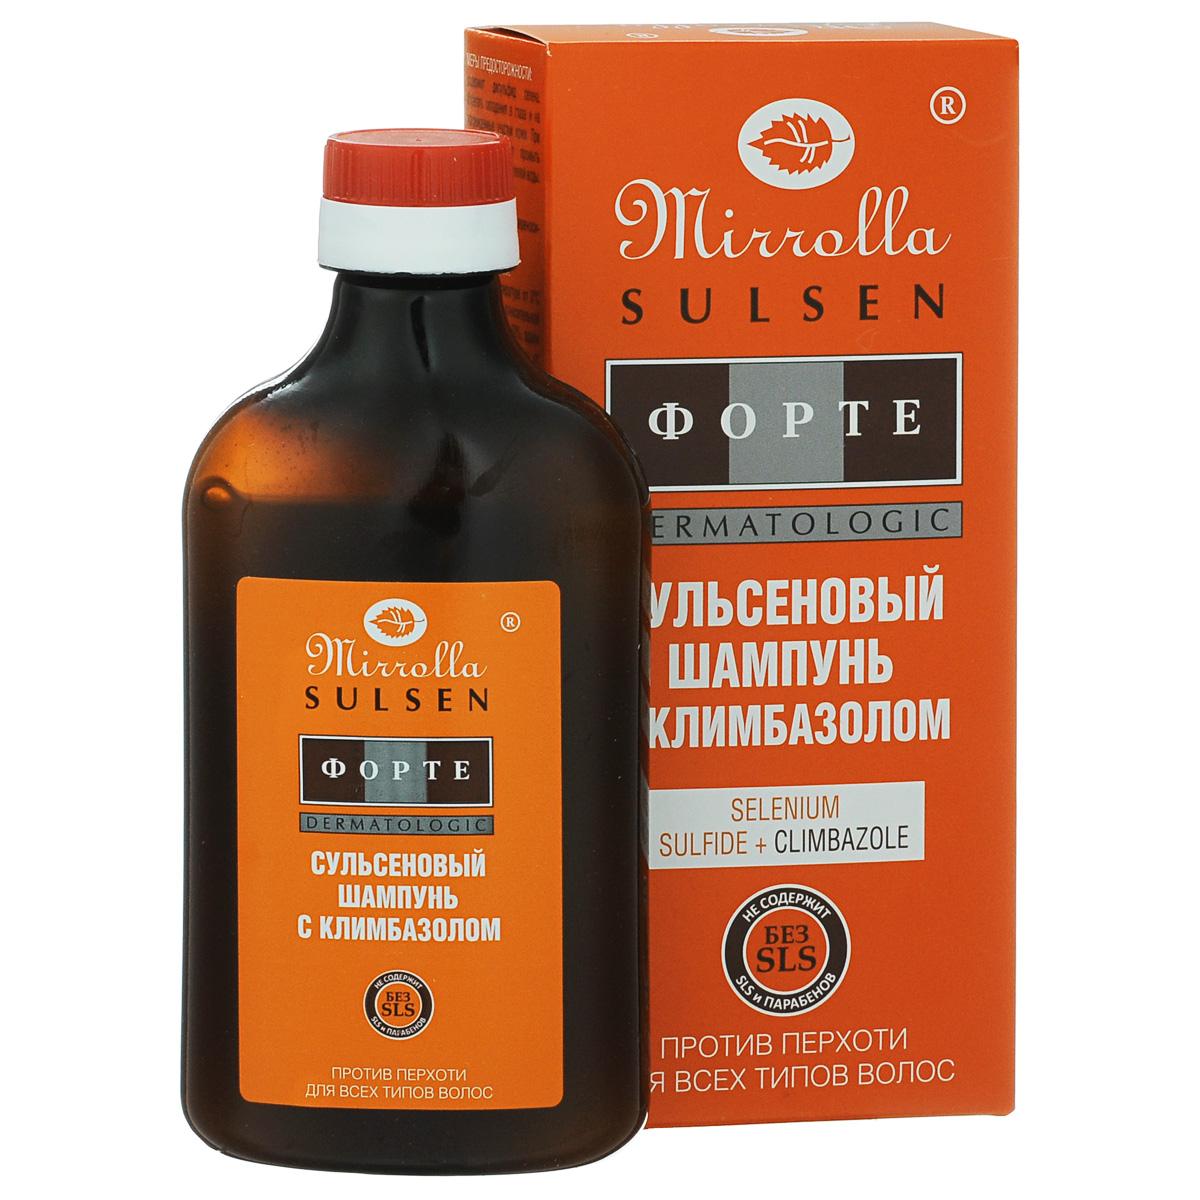 Мирролла Шампунь для волос «Сульсен Форте» с климбазолом, против перхоти, 250 мл4650001792525Создан на основе двух активных противогрибковых компонентов Selenium sulfide и Climbazole. Сульсеновый шампунь с Климбазолом – новейшее, эффективное и безопасное противогрибковое средство, способное бороться с причиной перхоти: избыточной активностью грибков, входящих в естественную флору кожи головы. Сульсеновый шампунь с Климбазолом оказывает активное действие против себореи любого типа.